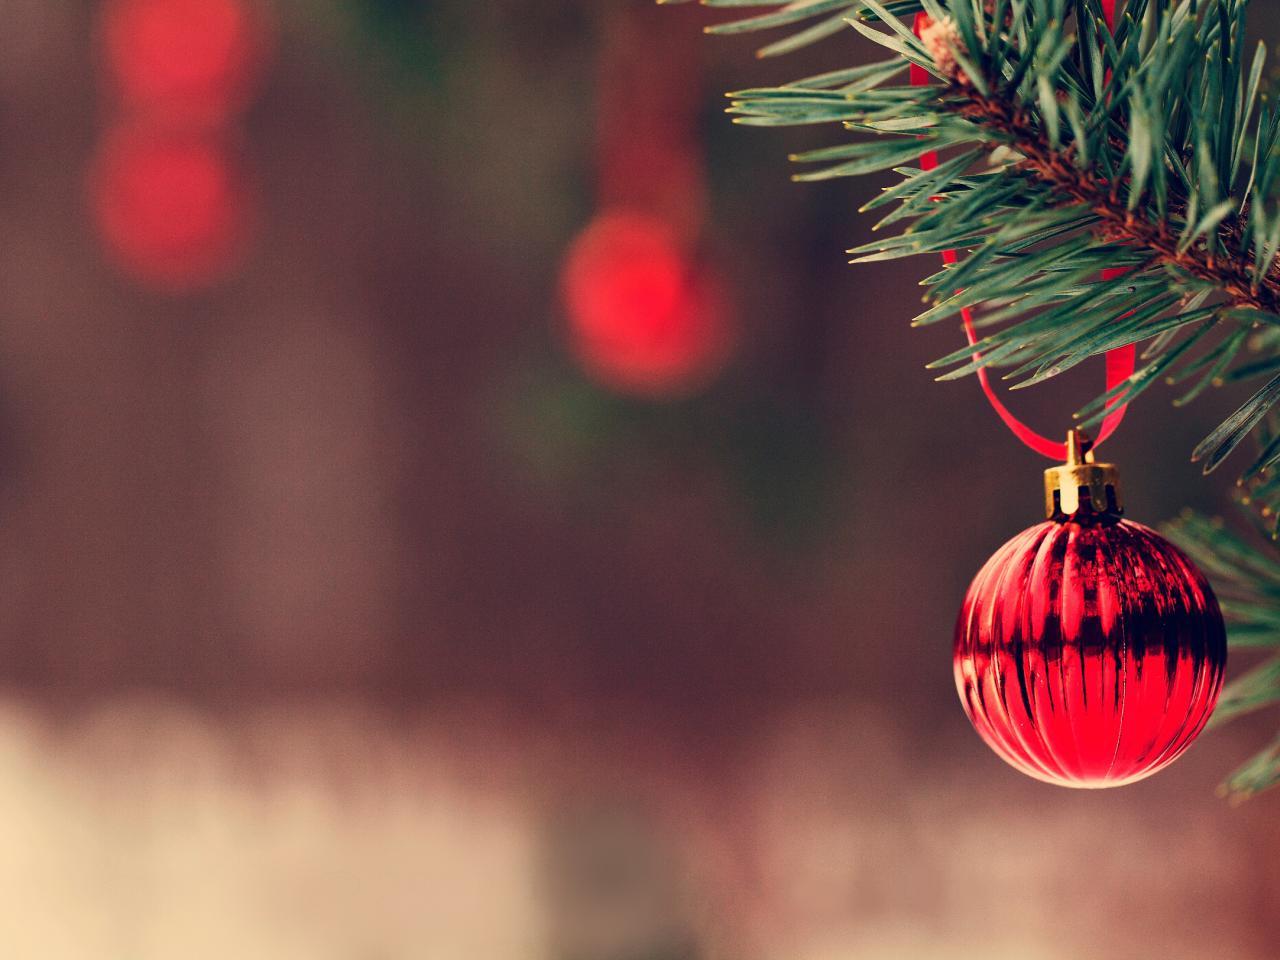 Лучшие обои для рабочего стола Новый год зима (8)